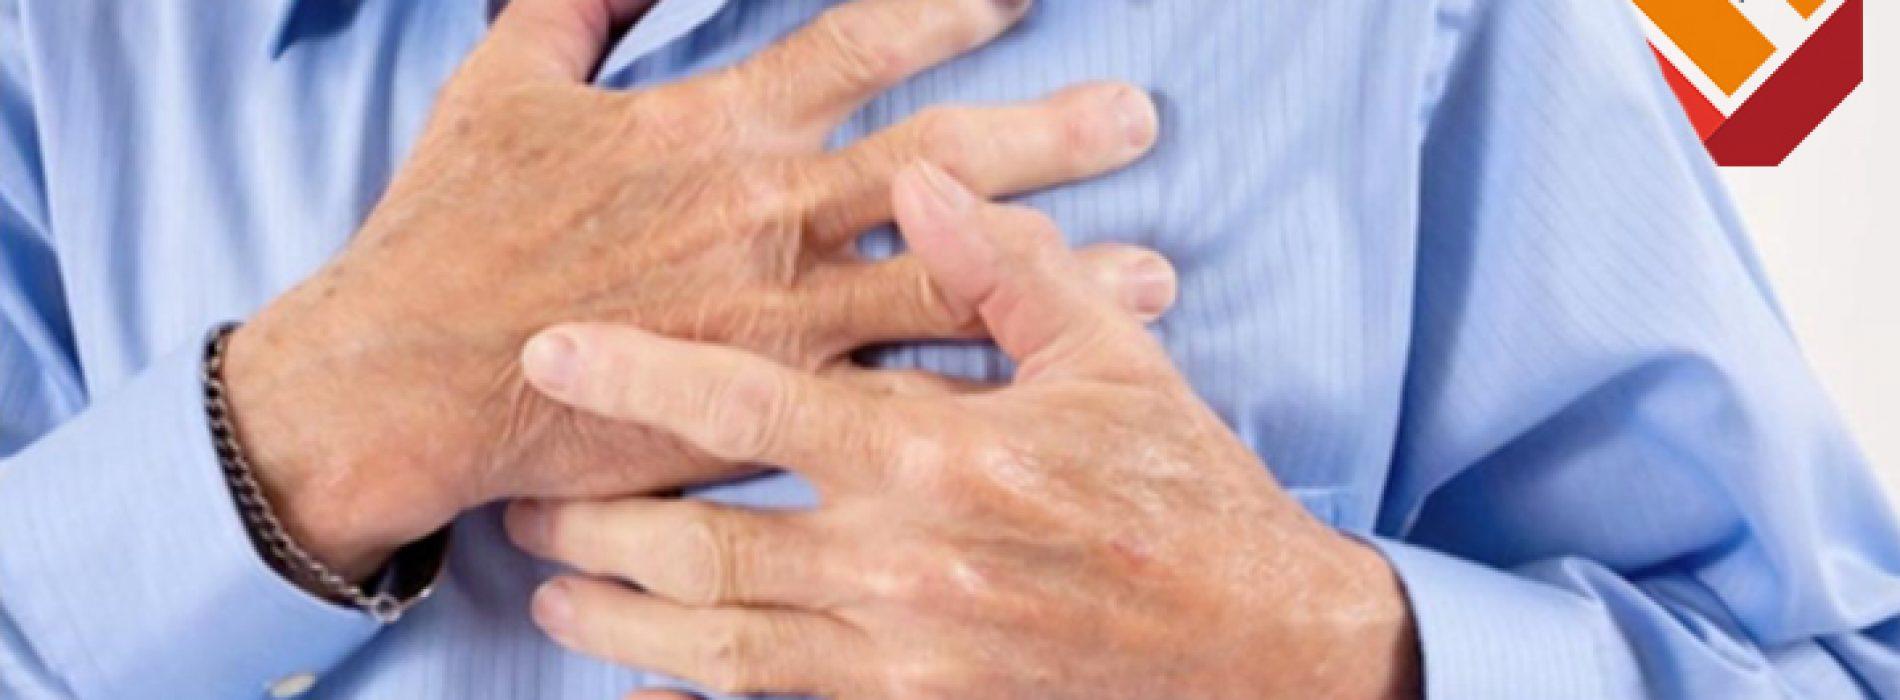 5 Signalen die duiden op een hartaanval. Dit MOET iedereen weten!